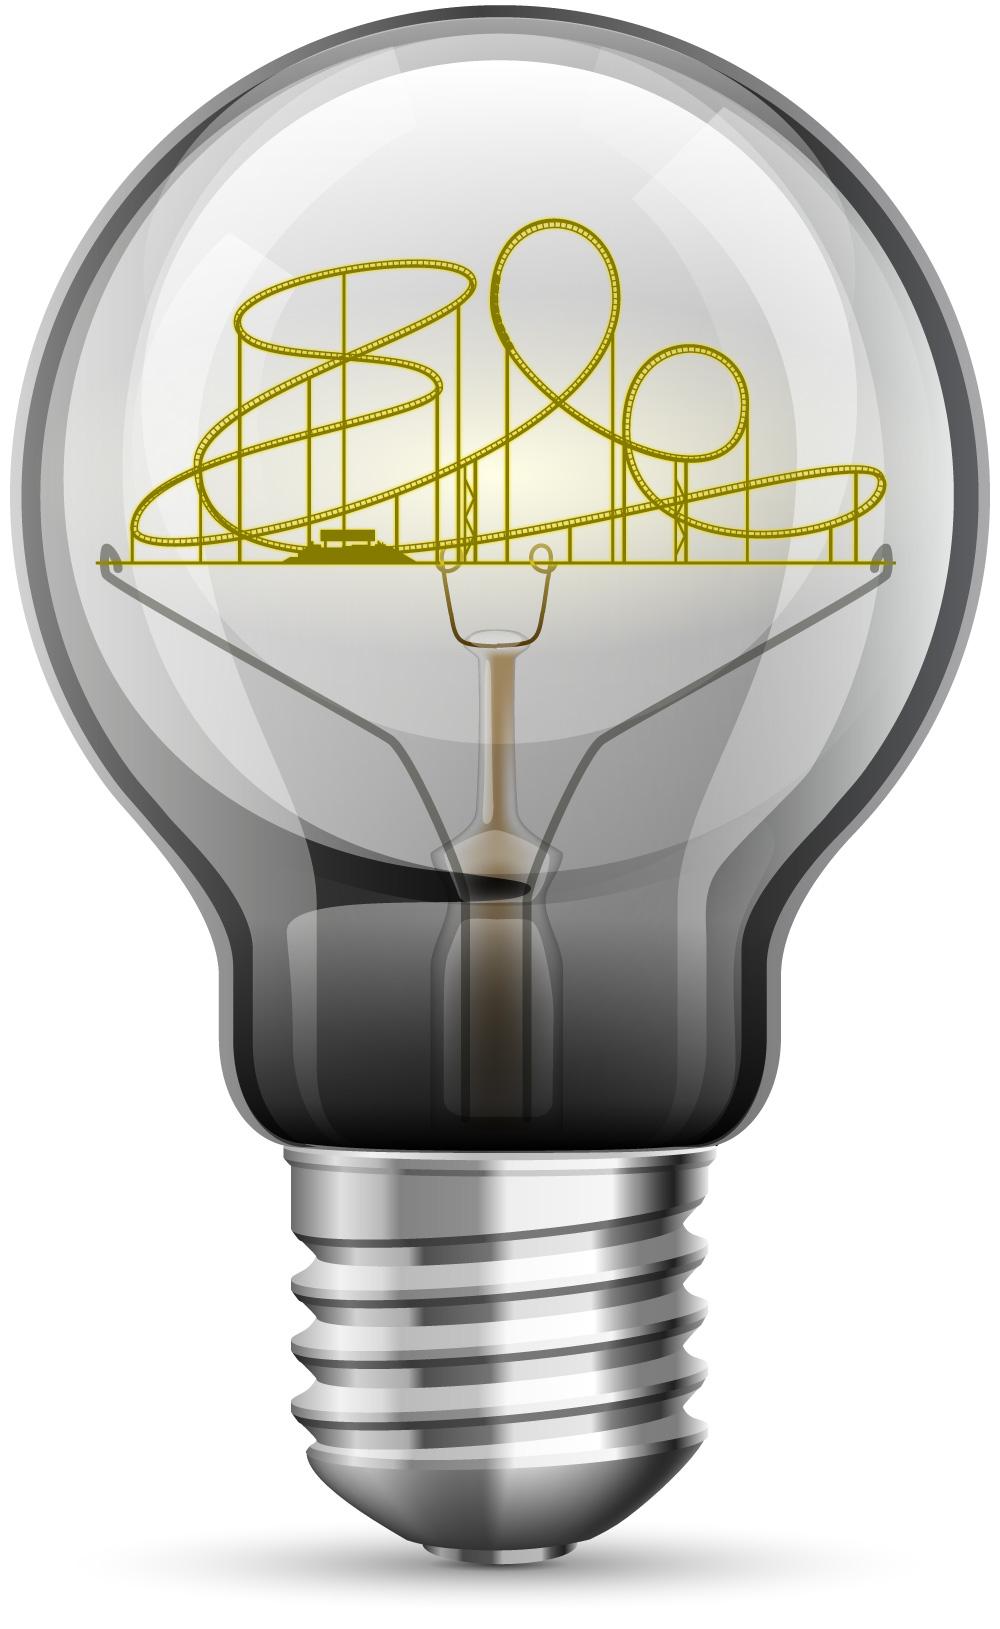 rollercoaster lightbulb illustration